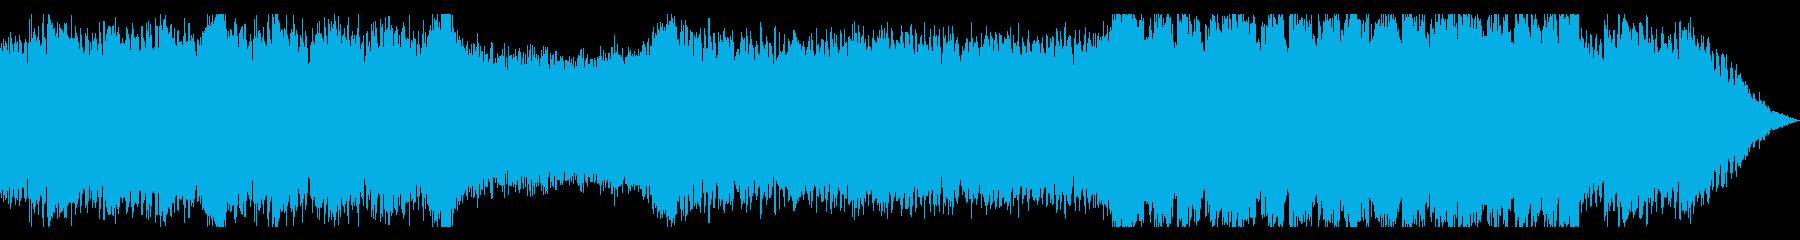 想いを繋げるBGMの再生済みの波形